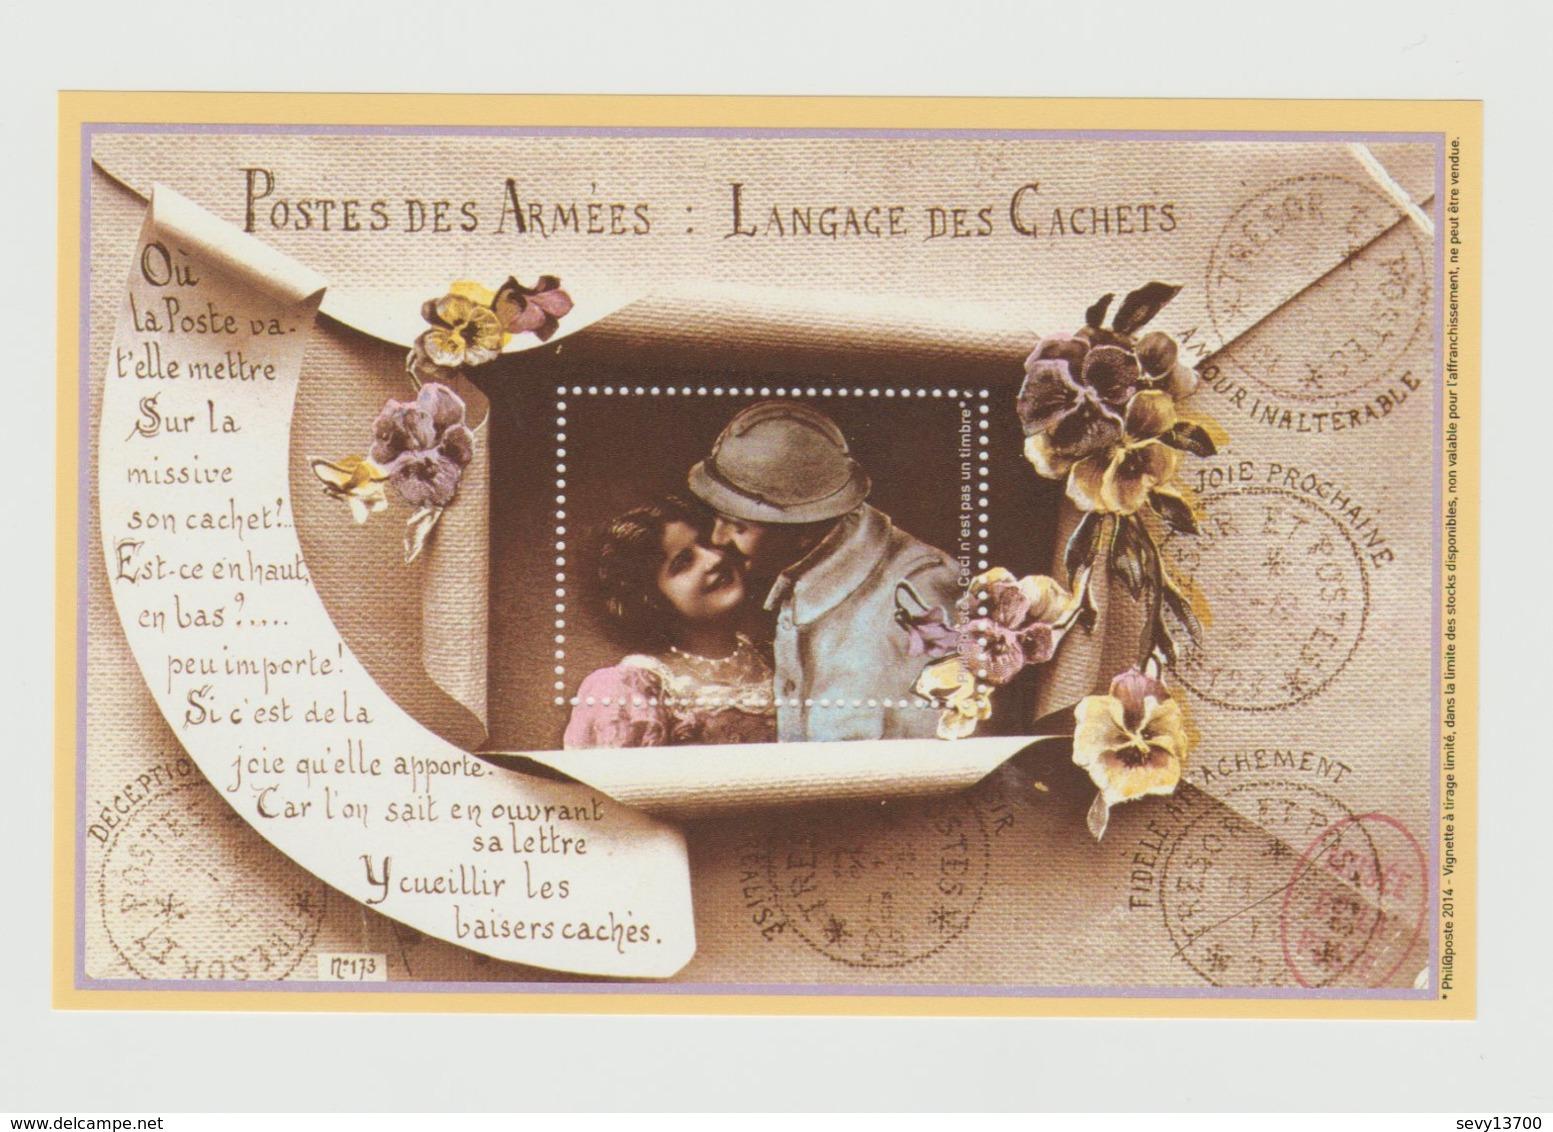 4 Bloc-feuillet Vignette Philaposte 2014 - Poste Des Armées, Le Conscrit, Joyeux Noel - Documents Of Postal Services